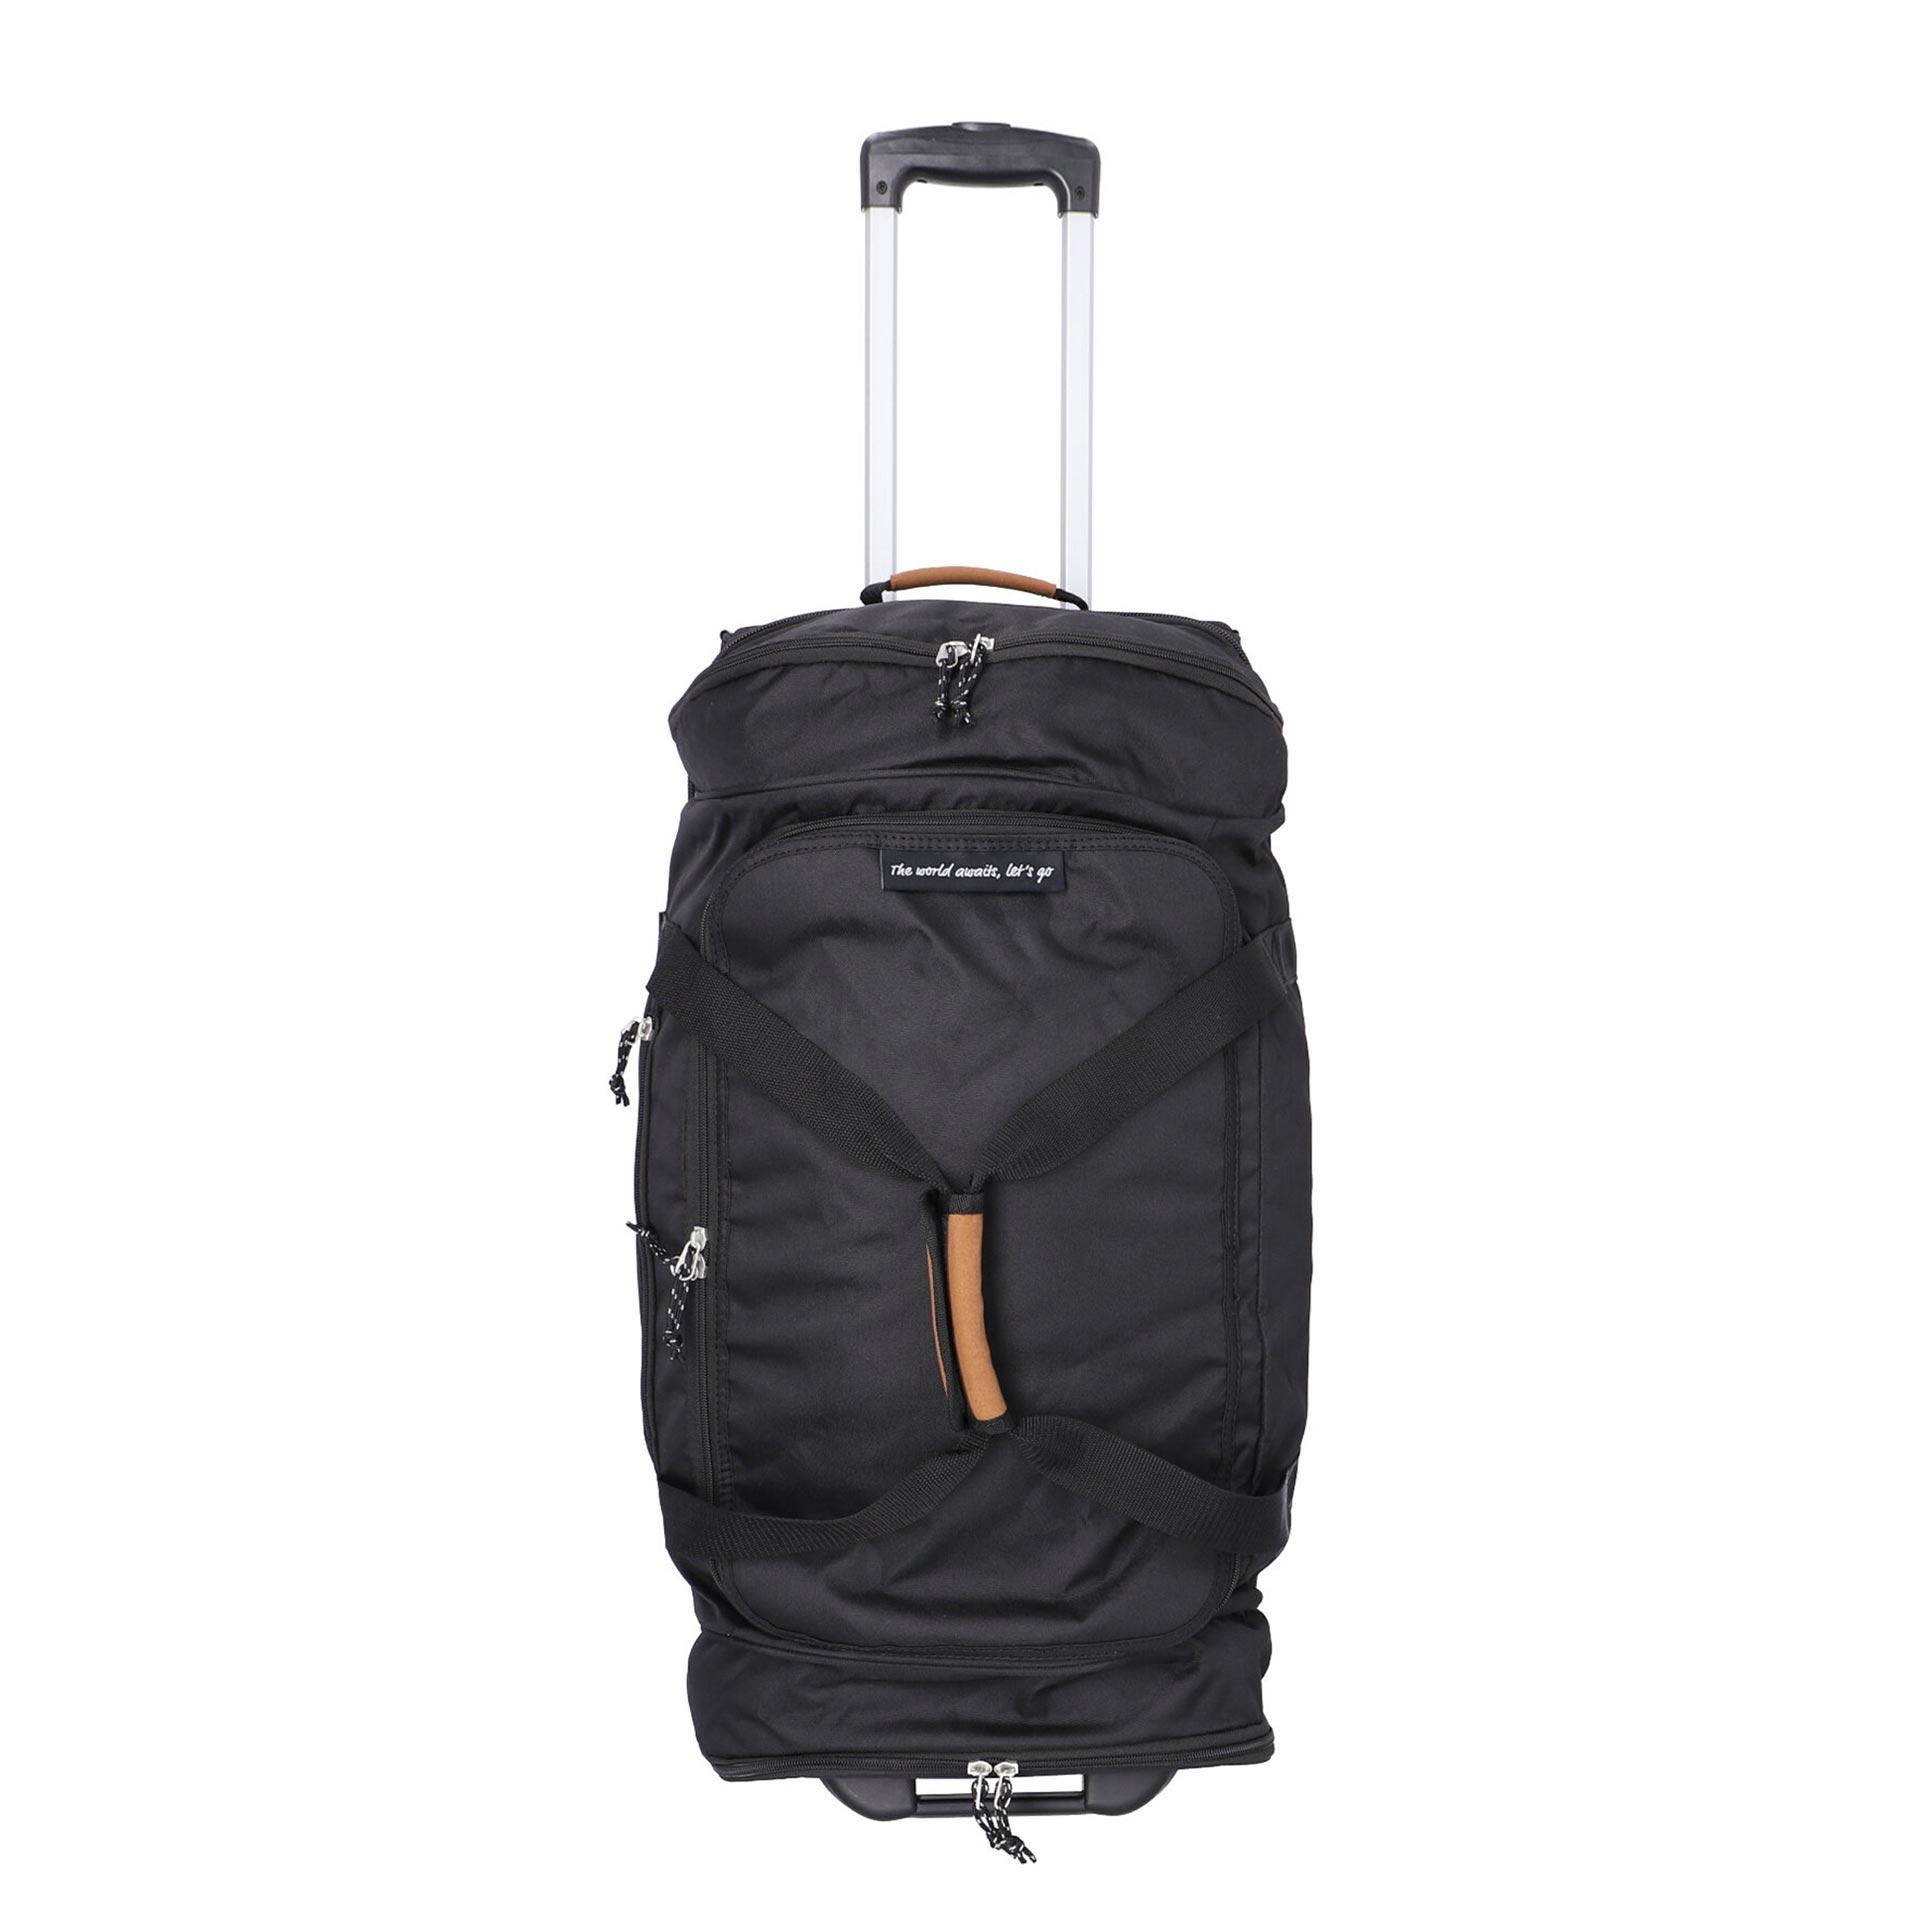 Alltrail Reisetasche mit Rollen L black